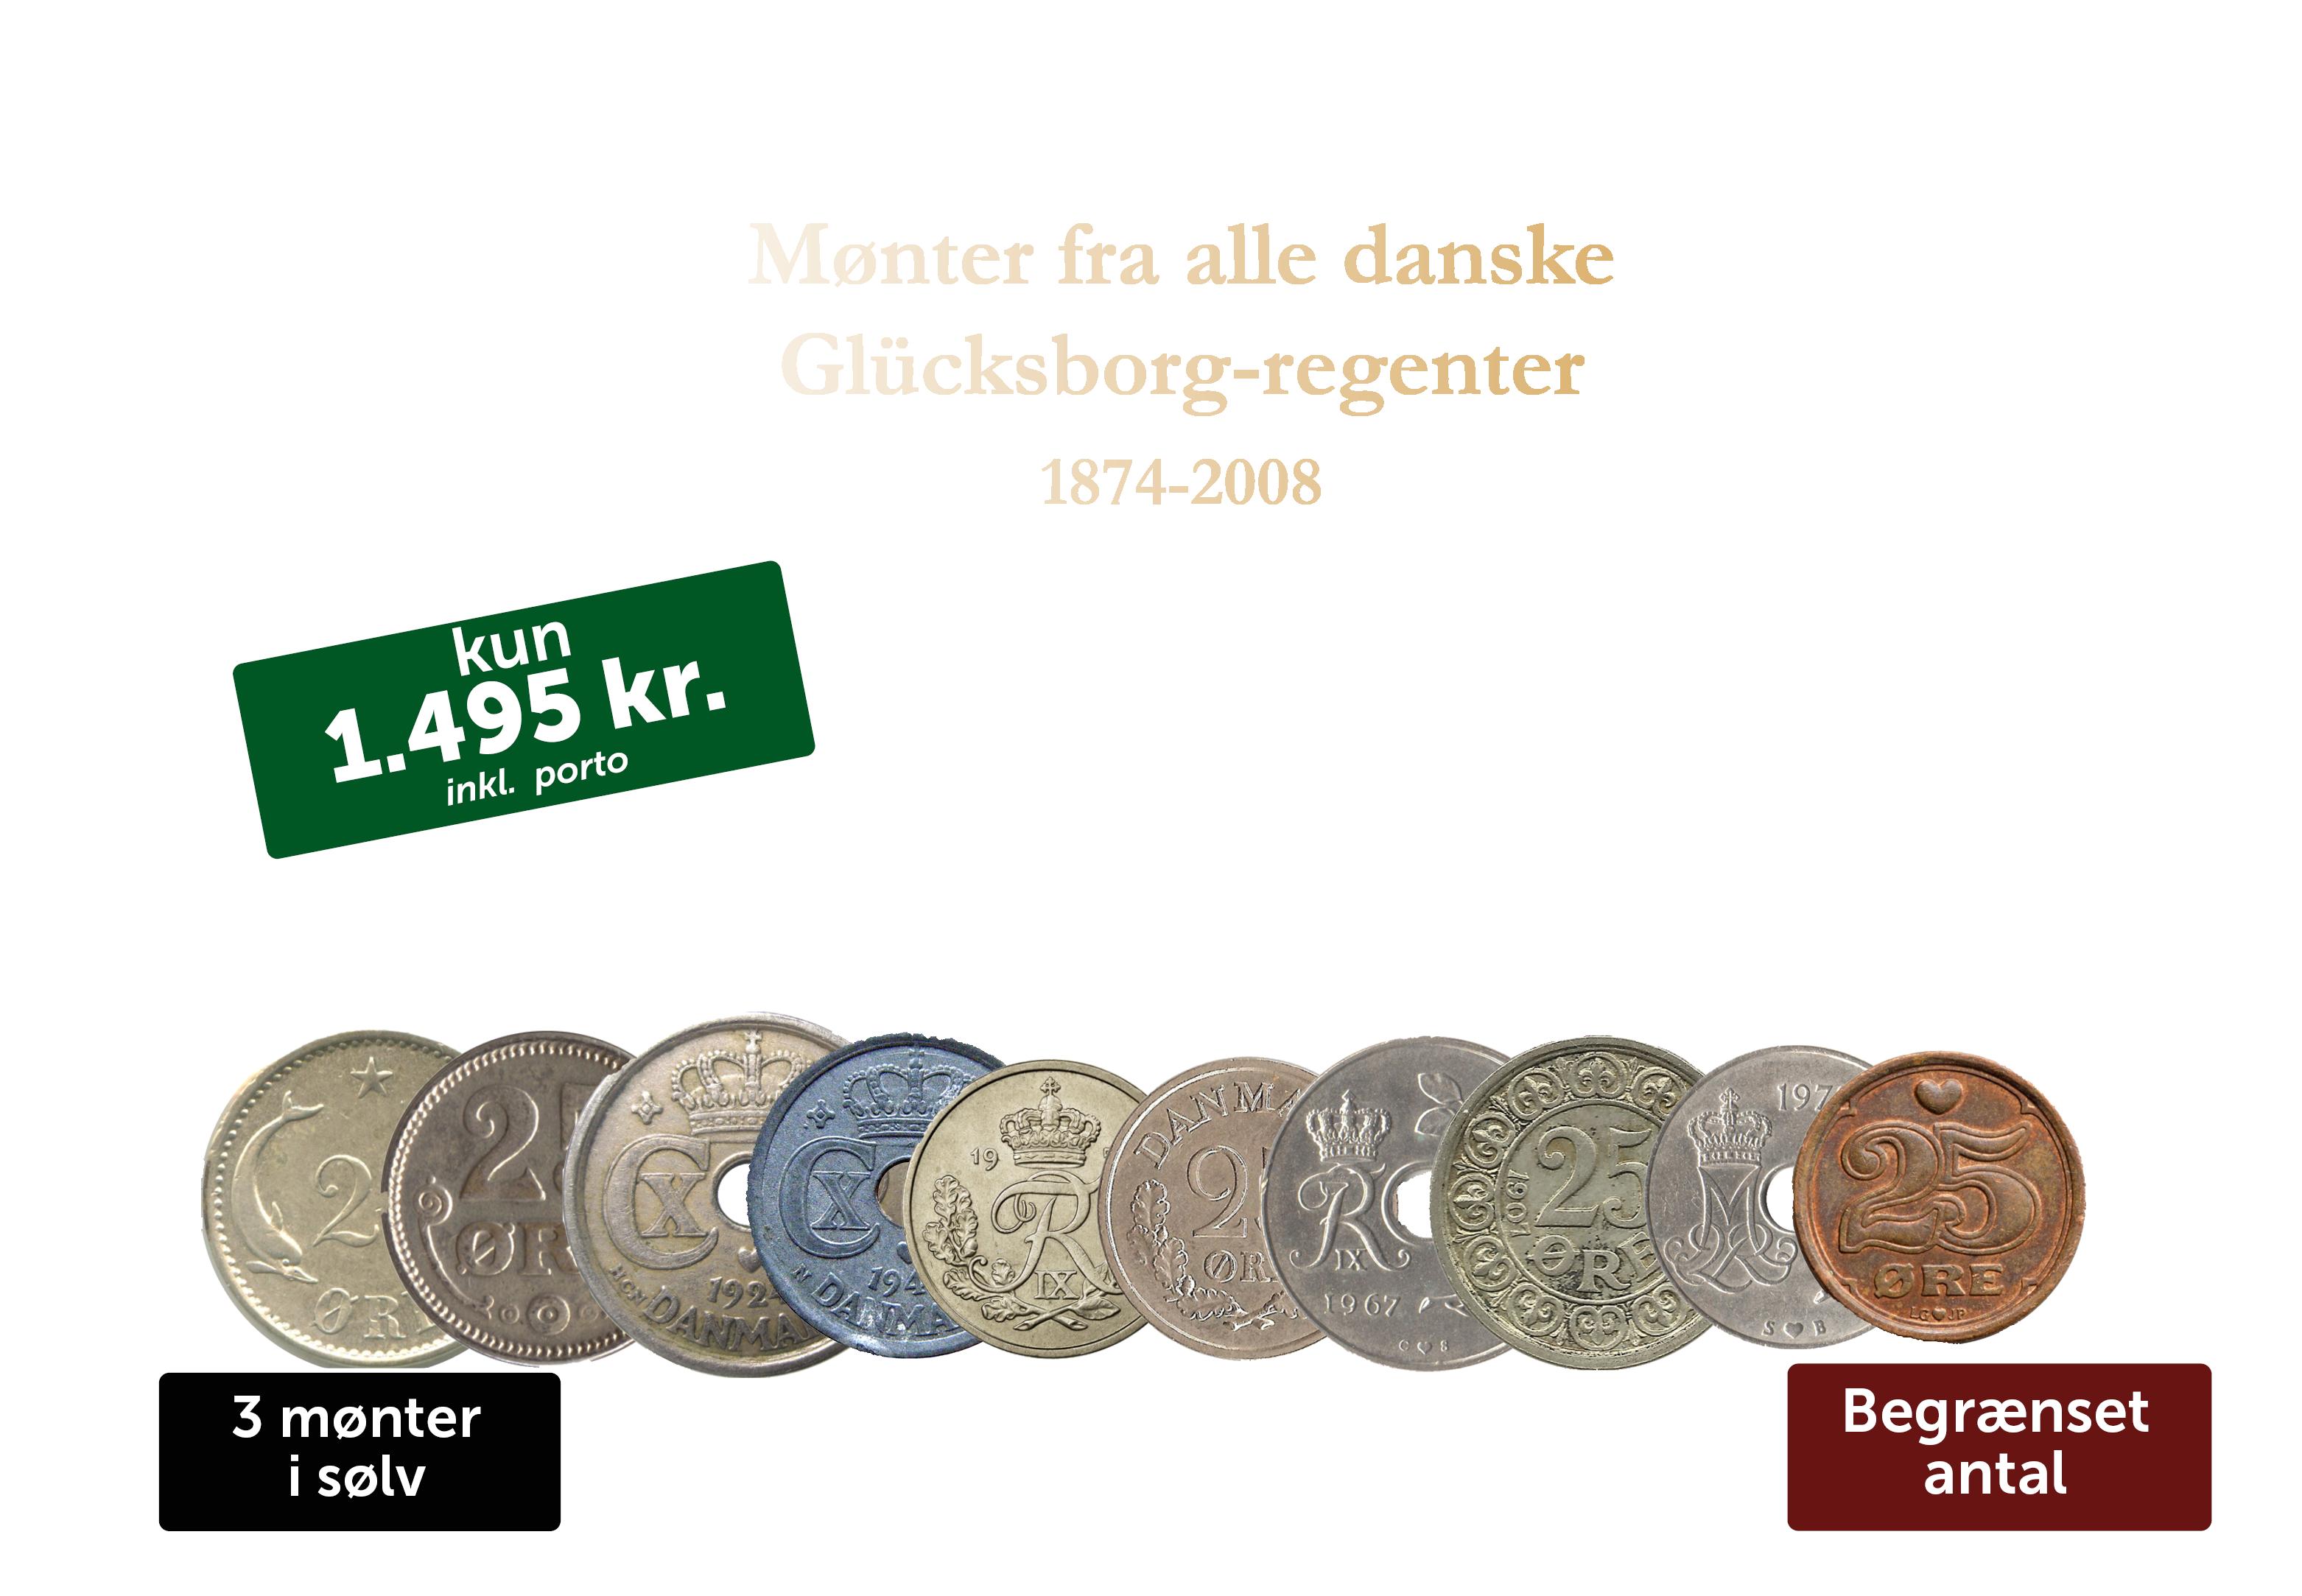 25-øre sæt -  Sæt med 10 danske mønter fra alle Glücksborg-regenter